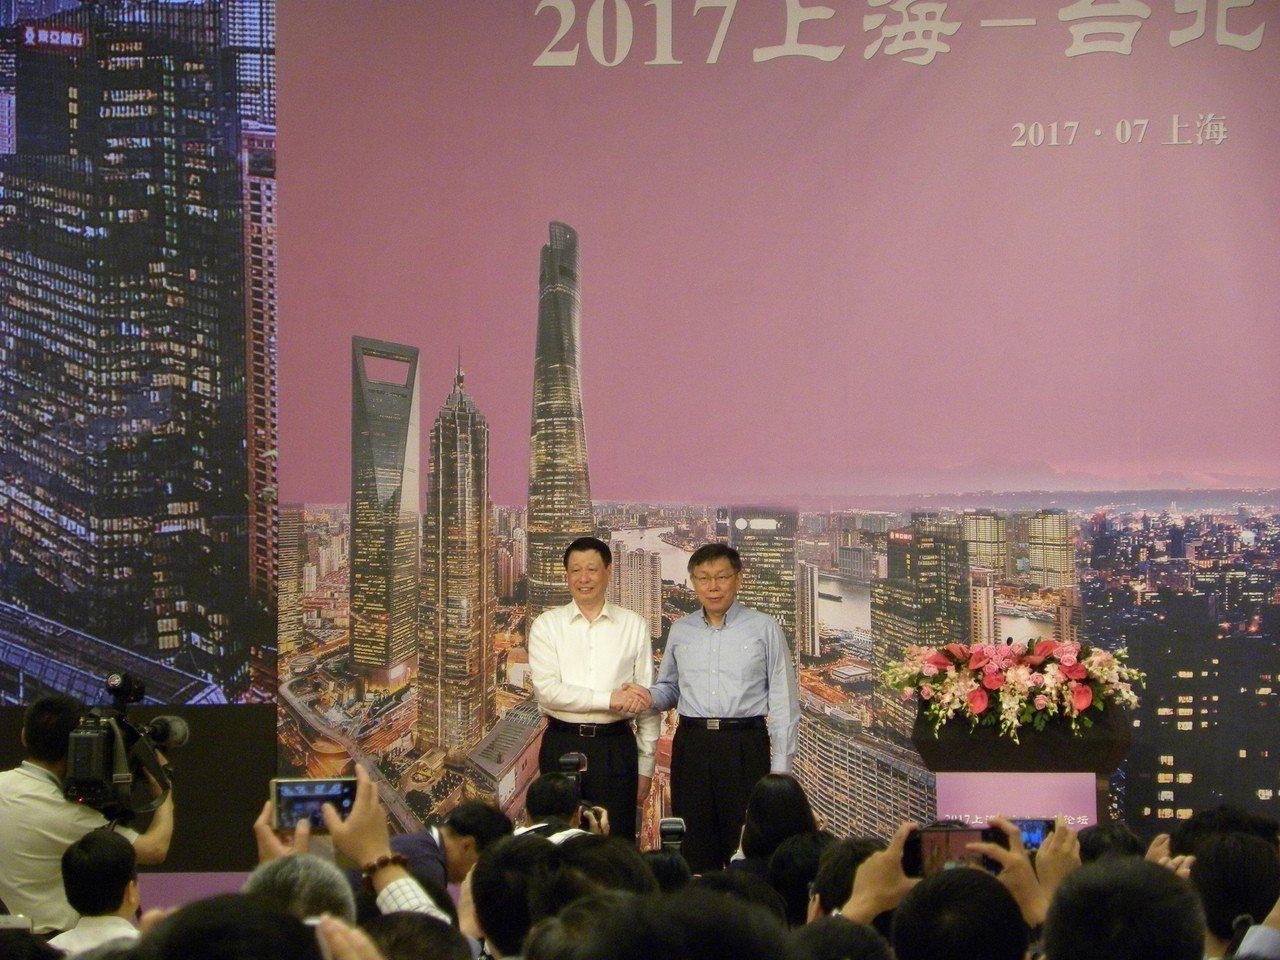 選後台北立即宣布將於下個月舉辦原本應於今年中在台北舉行的上海-台北雙城論壇。圖為...